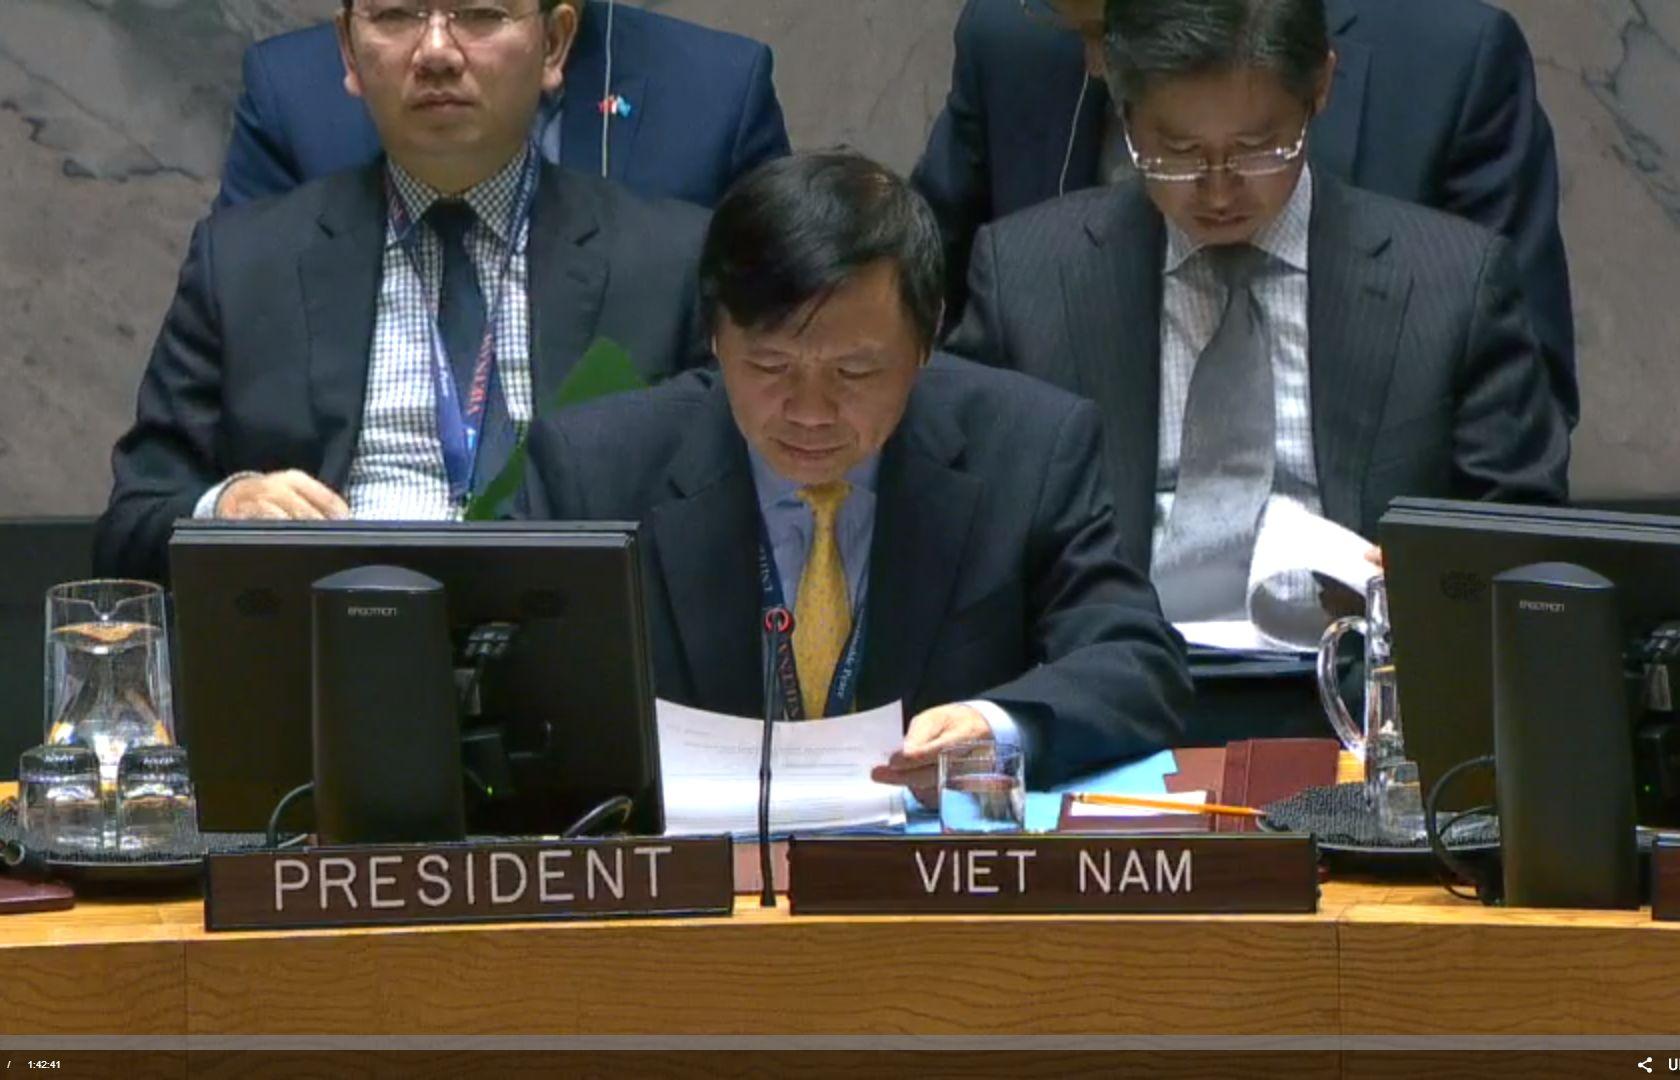 Việt Nam chủ trì Phiên họp của Hội đồng Bảo an về tình hình Yemen